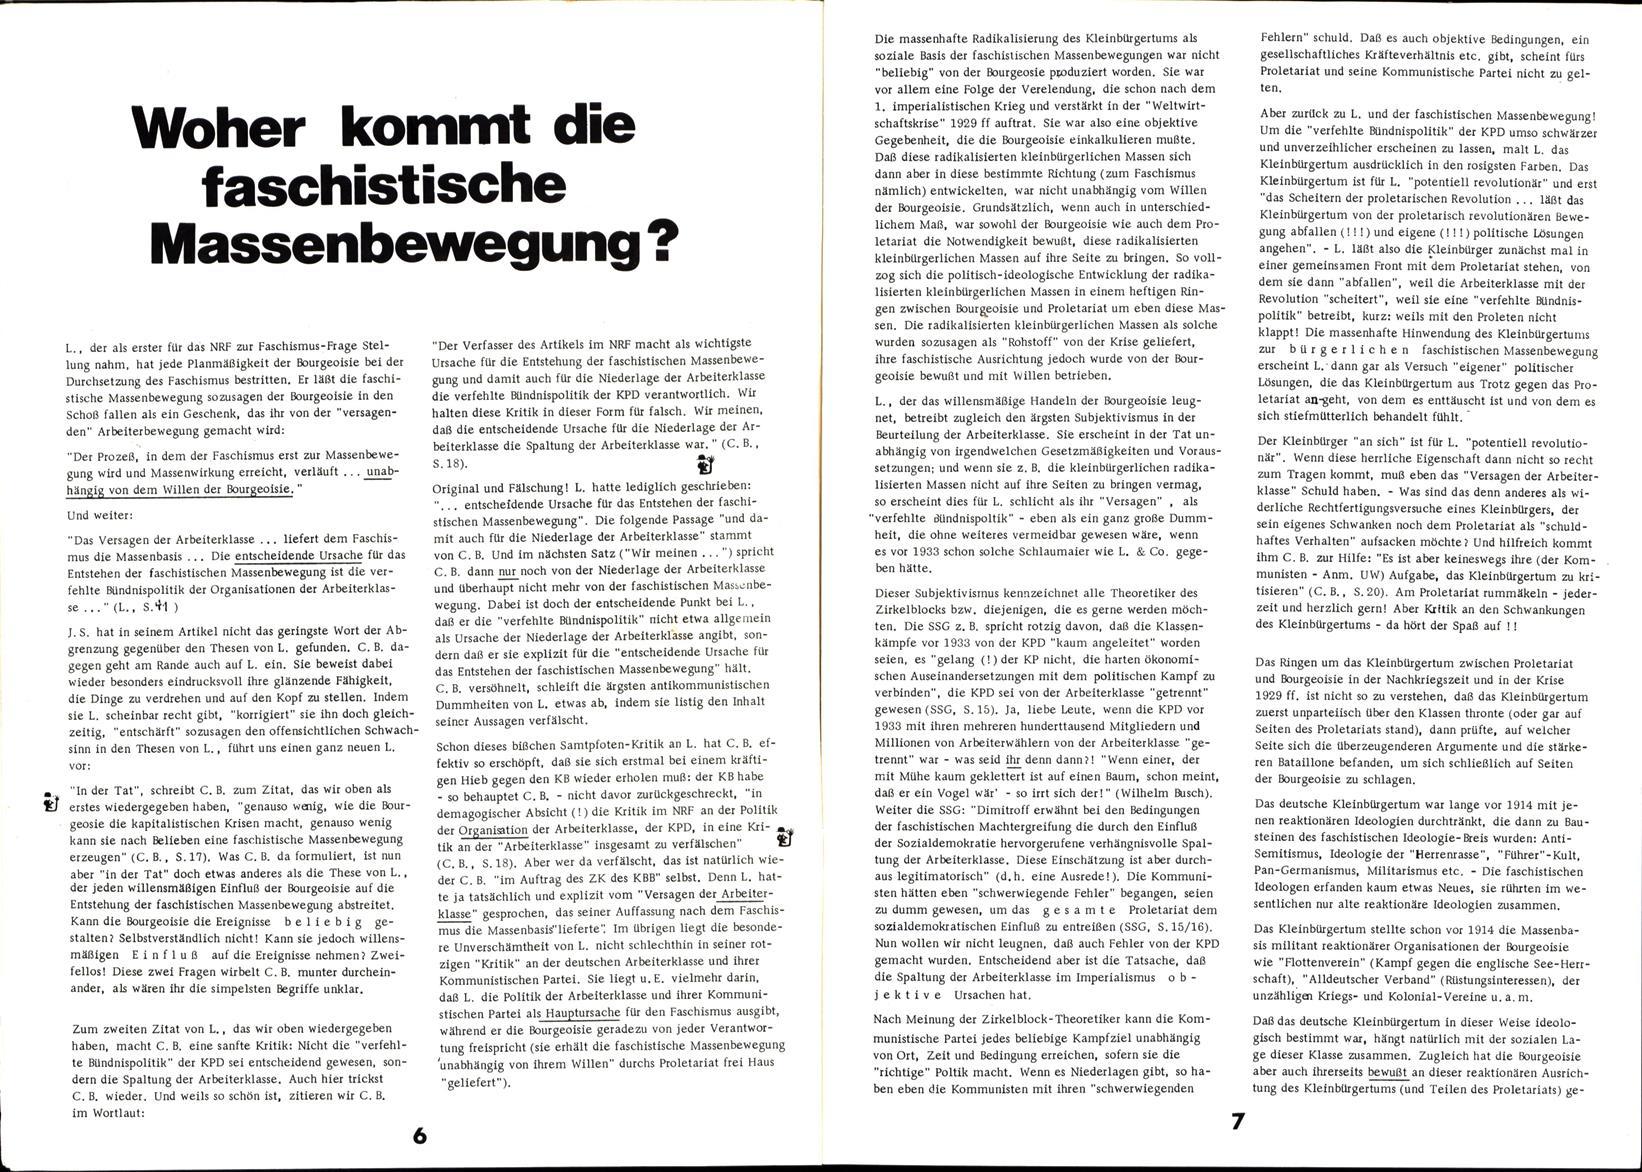 KB_Unser_Weg_1973_19_04